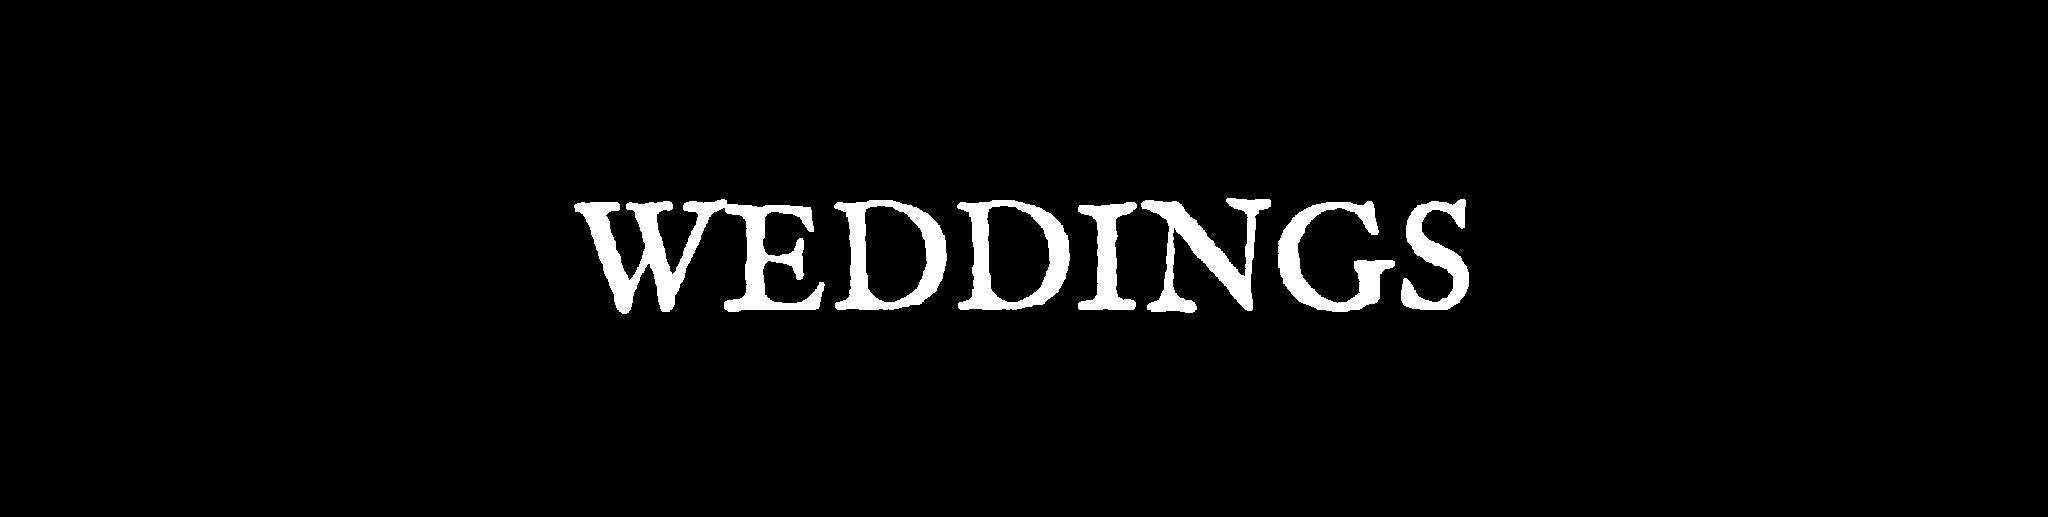 WED-01